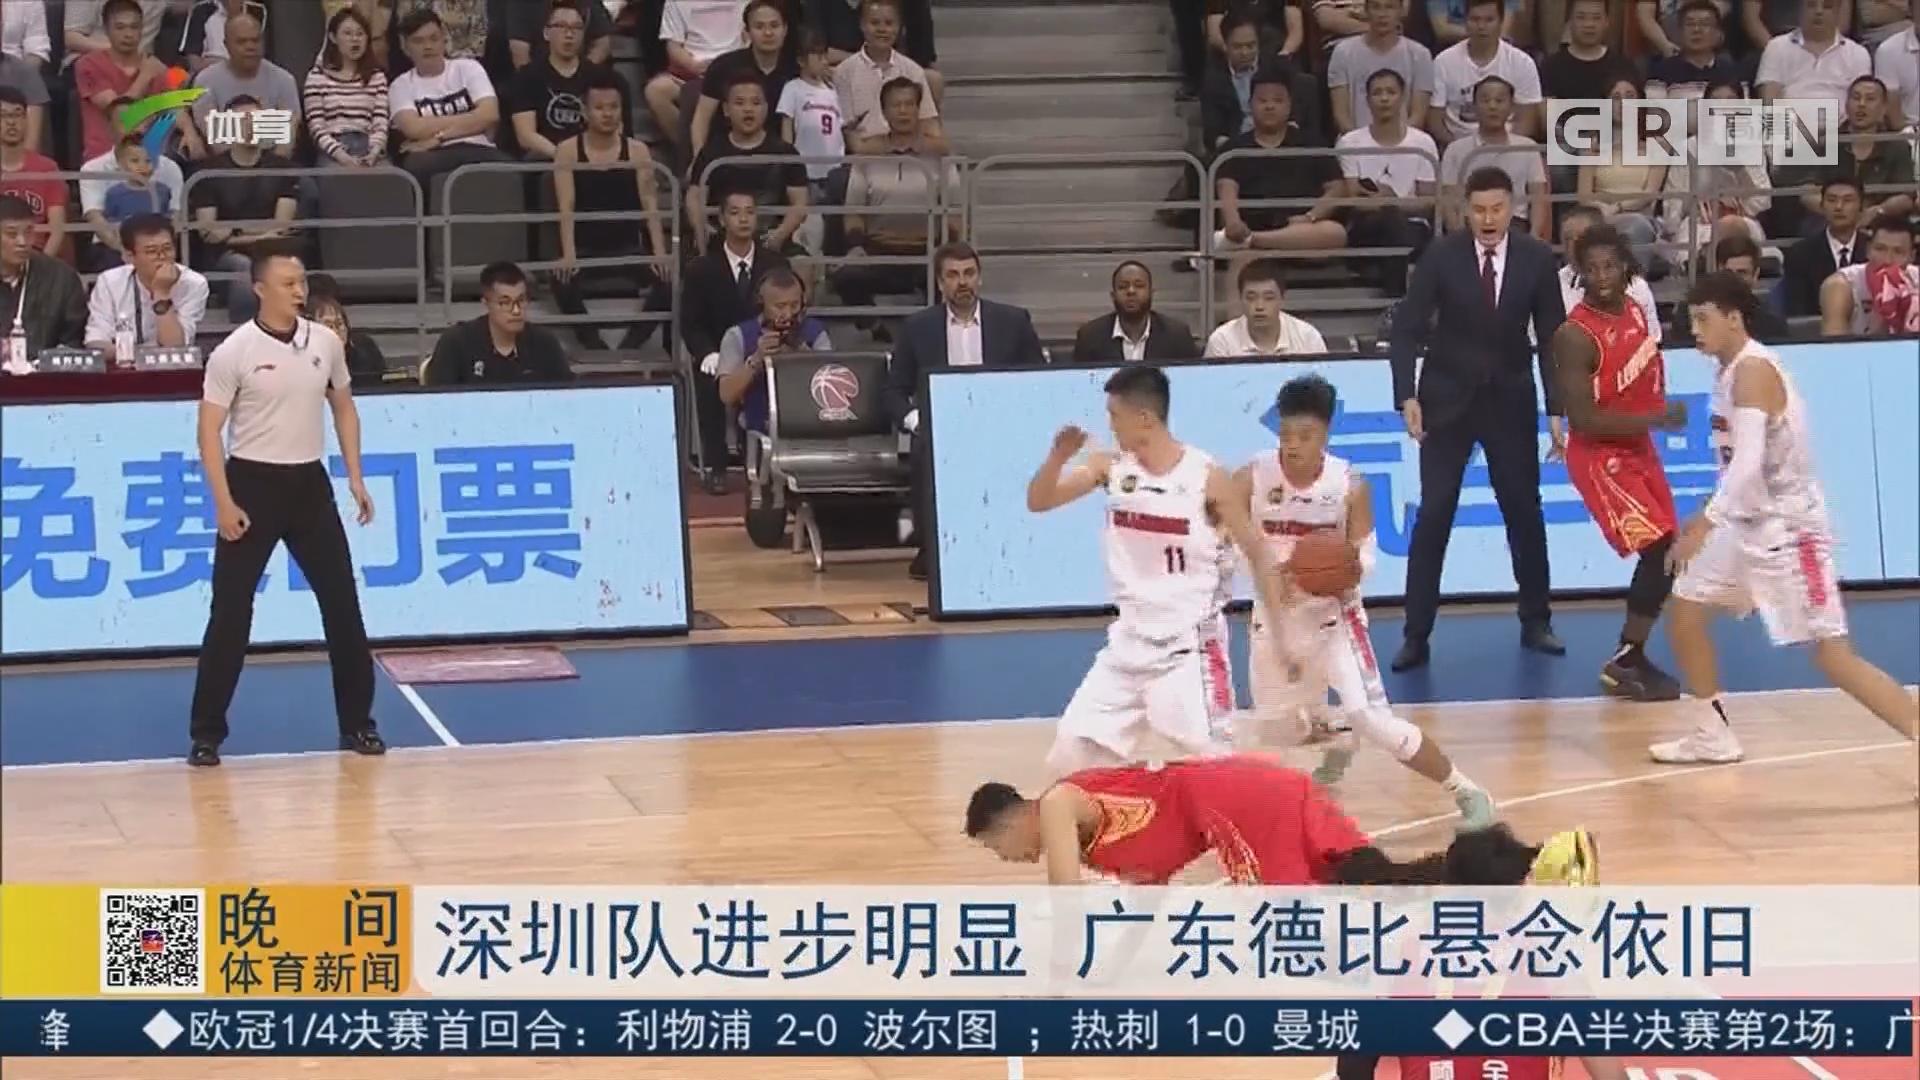 深圳队进步明显 广东德比悬念依旧